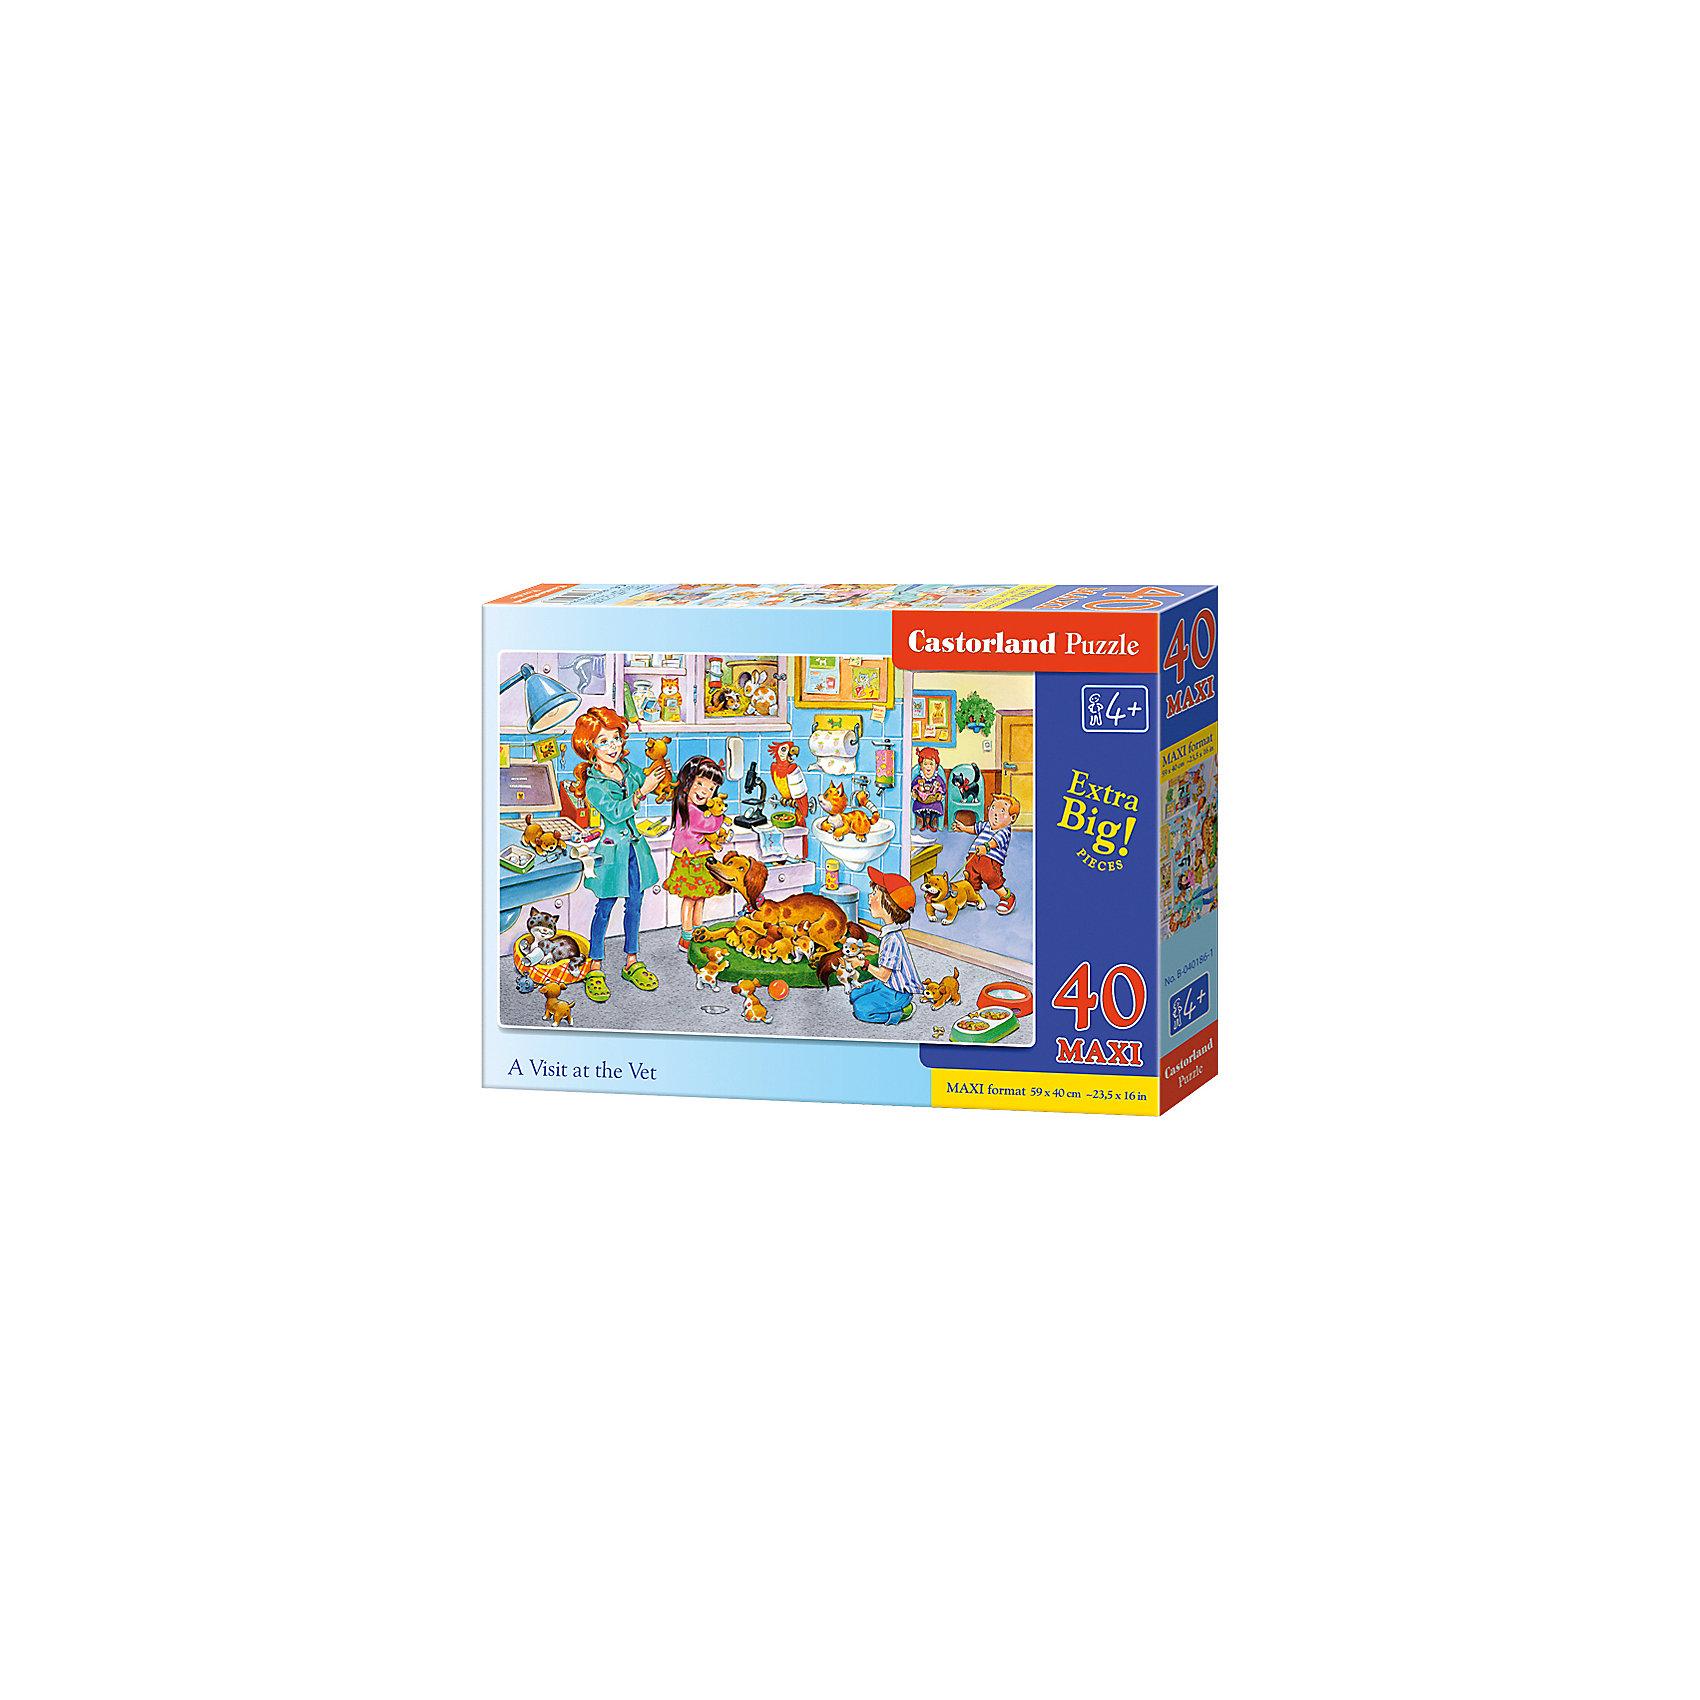 Макси-пазл Castorland Ветклиника, 40 деталейКлассические пазлы<br>Характеристики:<br><br>• возраст: от 4 лет<br>• количество деталей: 40 деталей MAXI<br>• размер собранного пазла: 59х40 см.<br>• материал: картон<br>• упаковка: картонная коробка<br>• размер упаковки: 32x4,7x22 см.<br>• вес: 400 гр.<br>• страна обладатель бренда: Польша<br><br>Пазл «Ветклиника» от Castorland (Касторленд) отличается хорошим качеством, высоким уровнем полиграфии, насыщенными цветами и идеальной стыковкой элементов. Из 40 больших элементов пазла ребенок соберет красочную картинку с изображением одного рабочего дня в ветеринарной клинике.<br><br>Пазл Ветклиника, 40 деталей MAXI, Castorland (Касторленд) можно купить в нашем интернет-магазине.<br><br>Ширина мм: 320<br>Глубина мм: 220<br>Высота мм: 47<br>Вес г: 400<br>Возраст от месяцев: 48<br>Возраст до месяцев: 2147483647<br>Пол: Унисекс<br>Возраст: Детский<br>SKU: 6725114